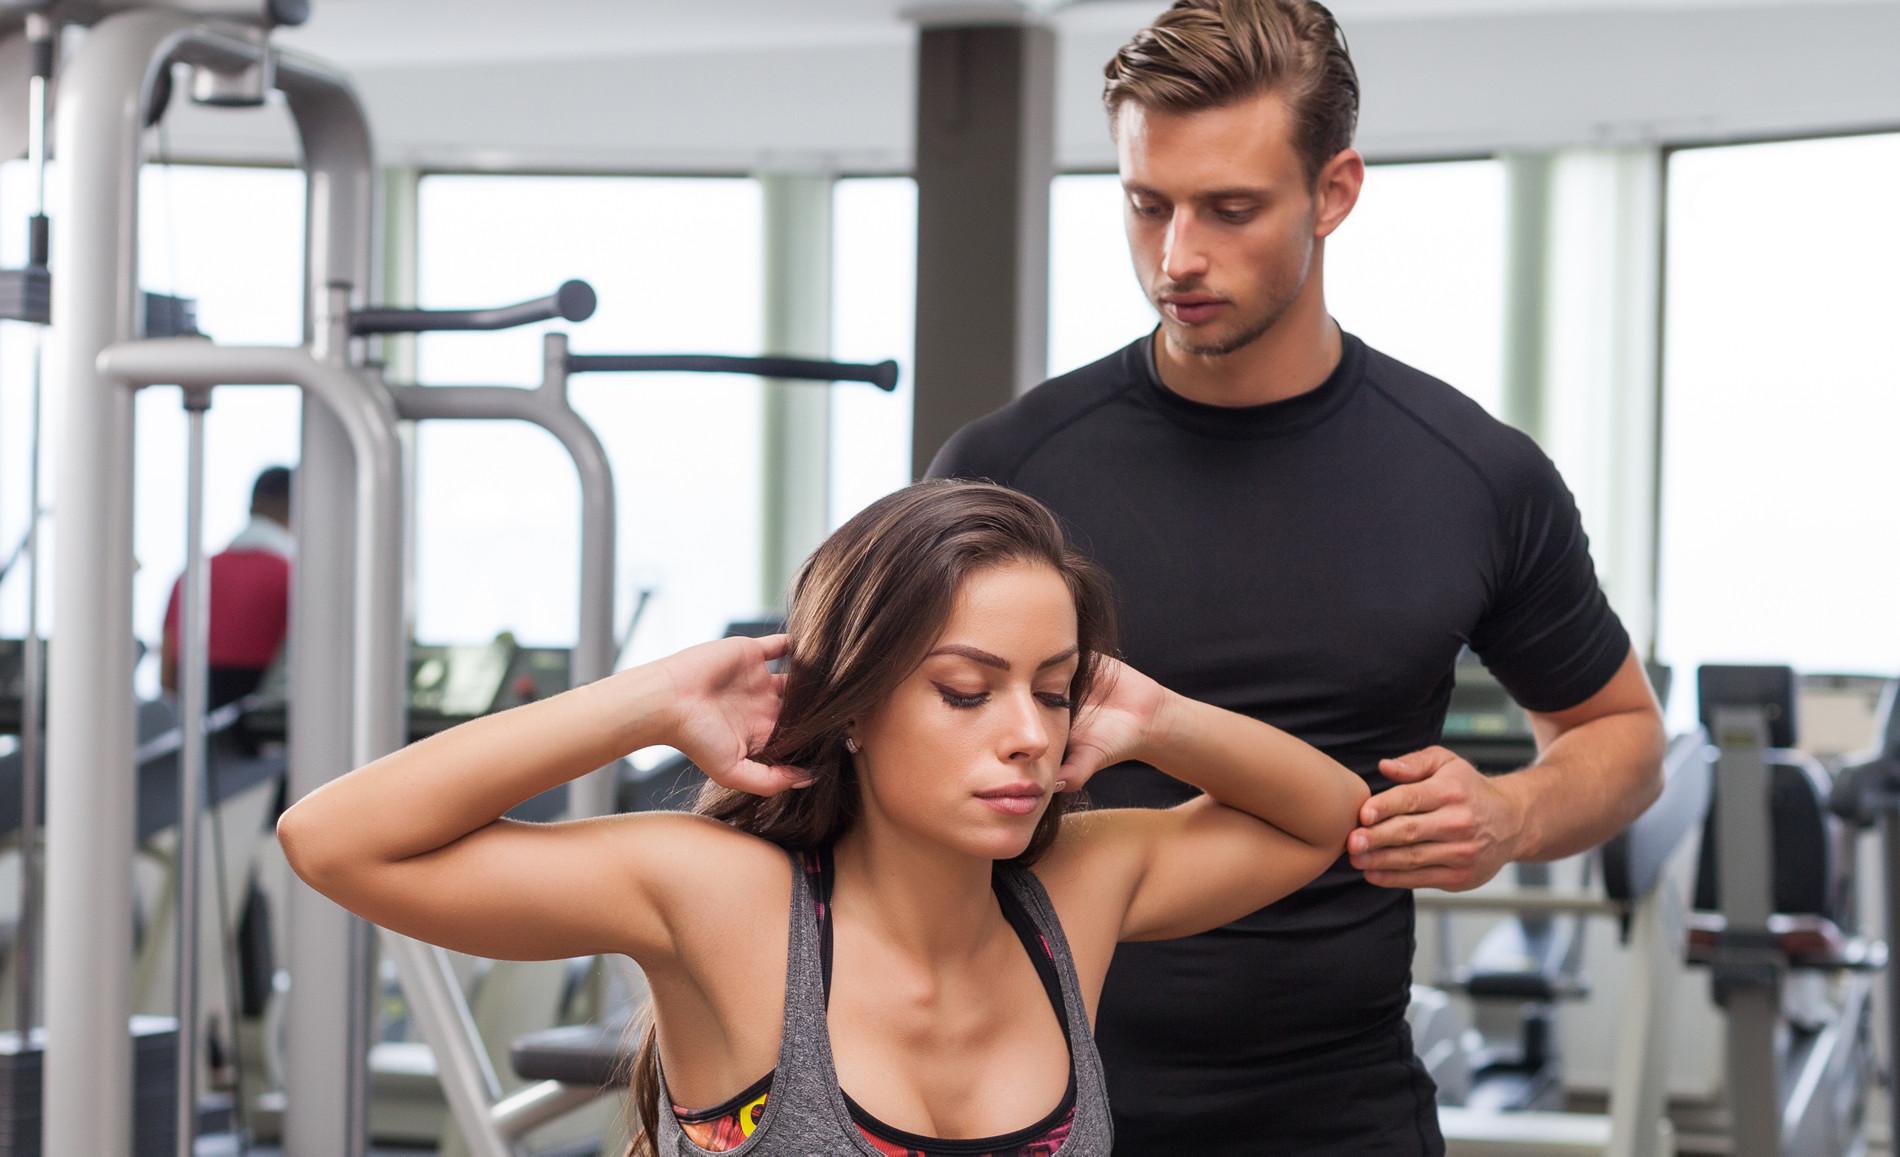 Cómo elegir al entrenador fitness adecuado para ti